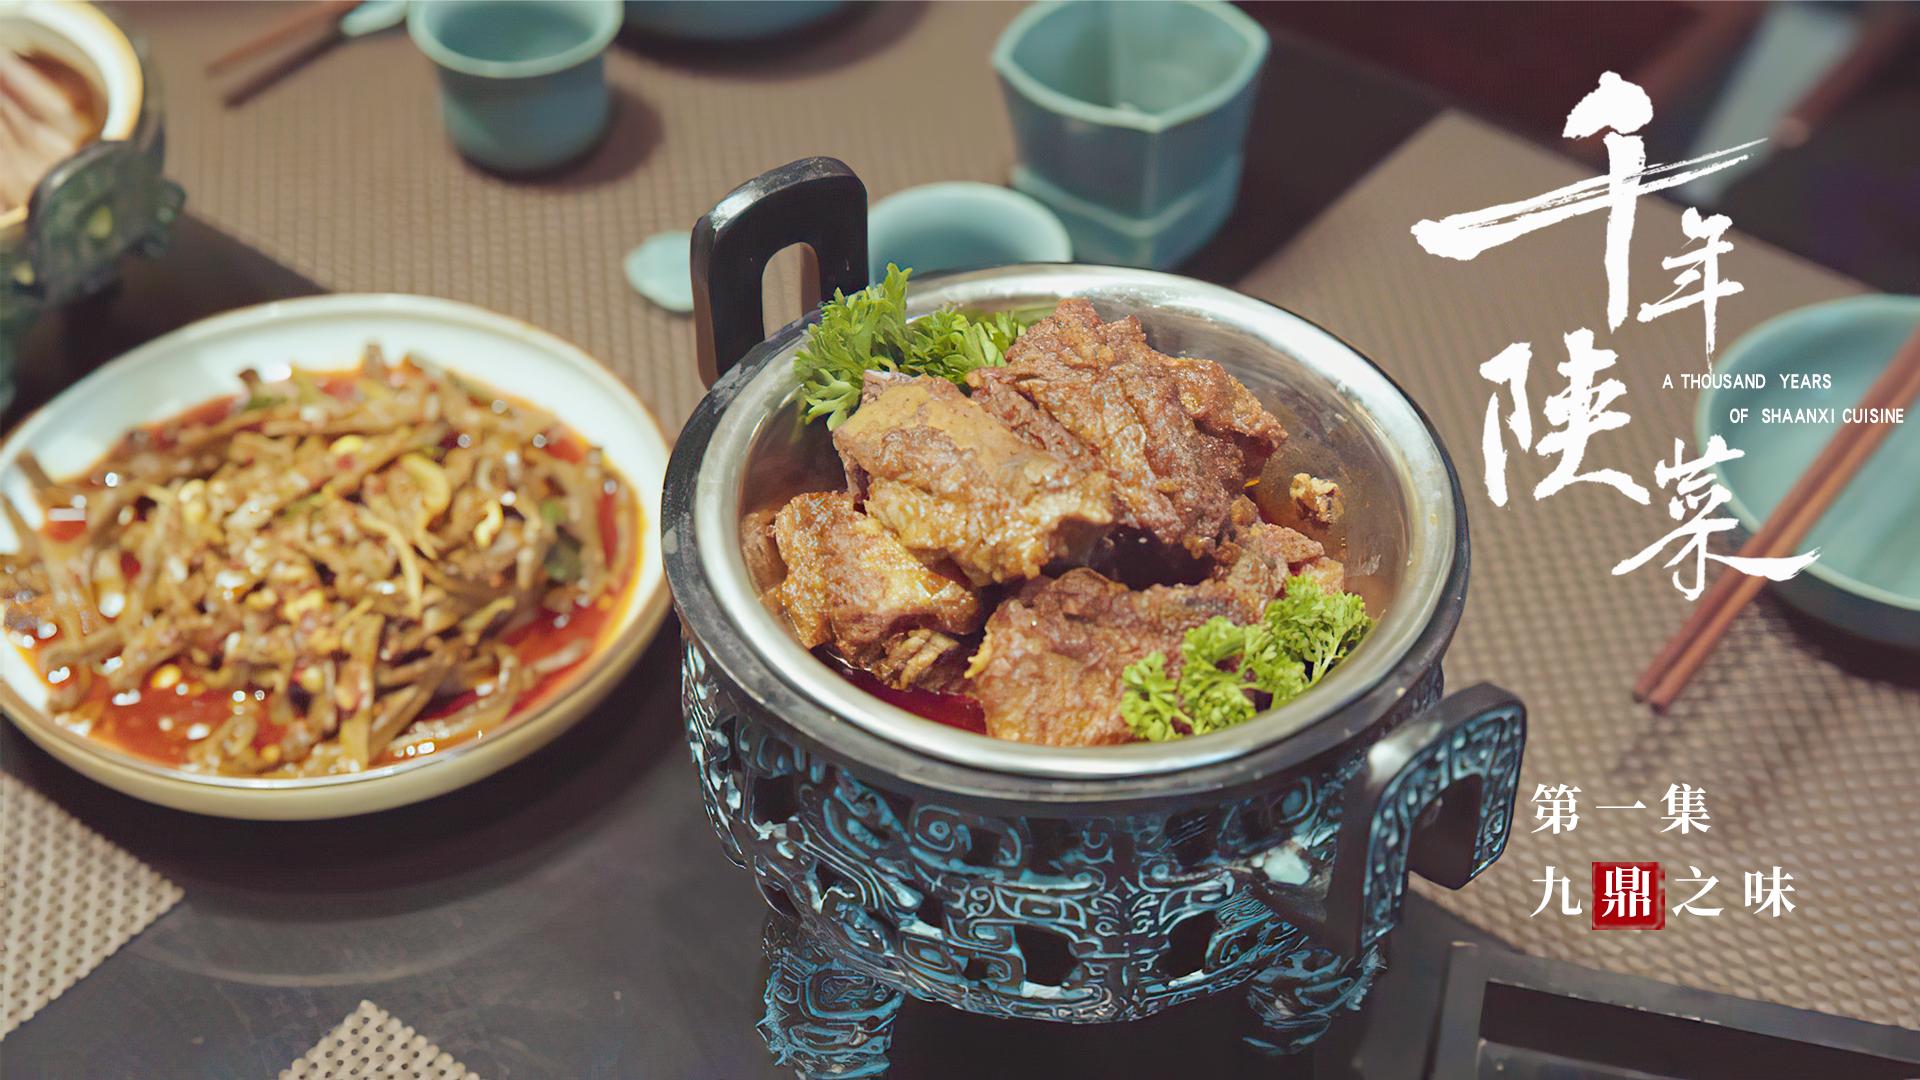 《千年陕菜》第一集:九鼎之味